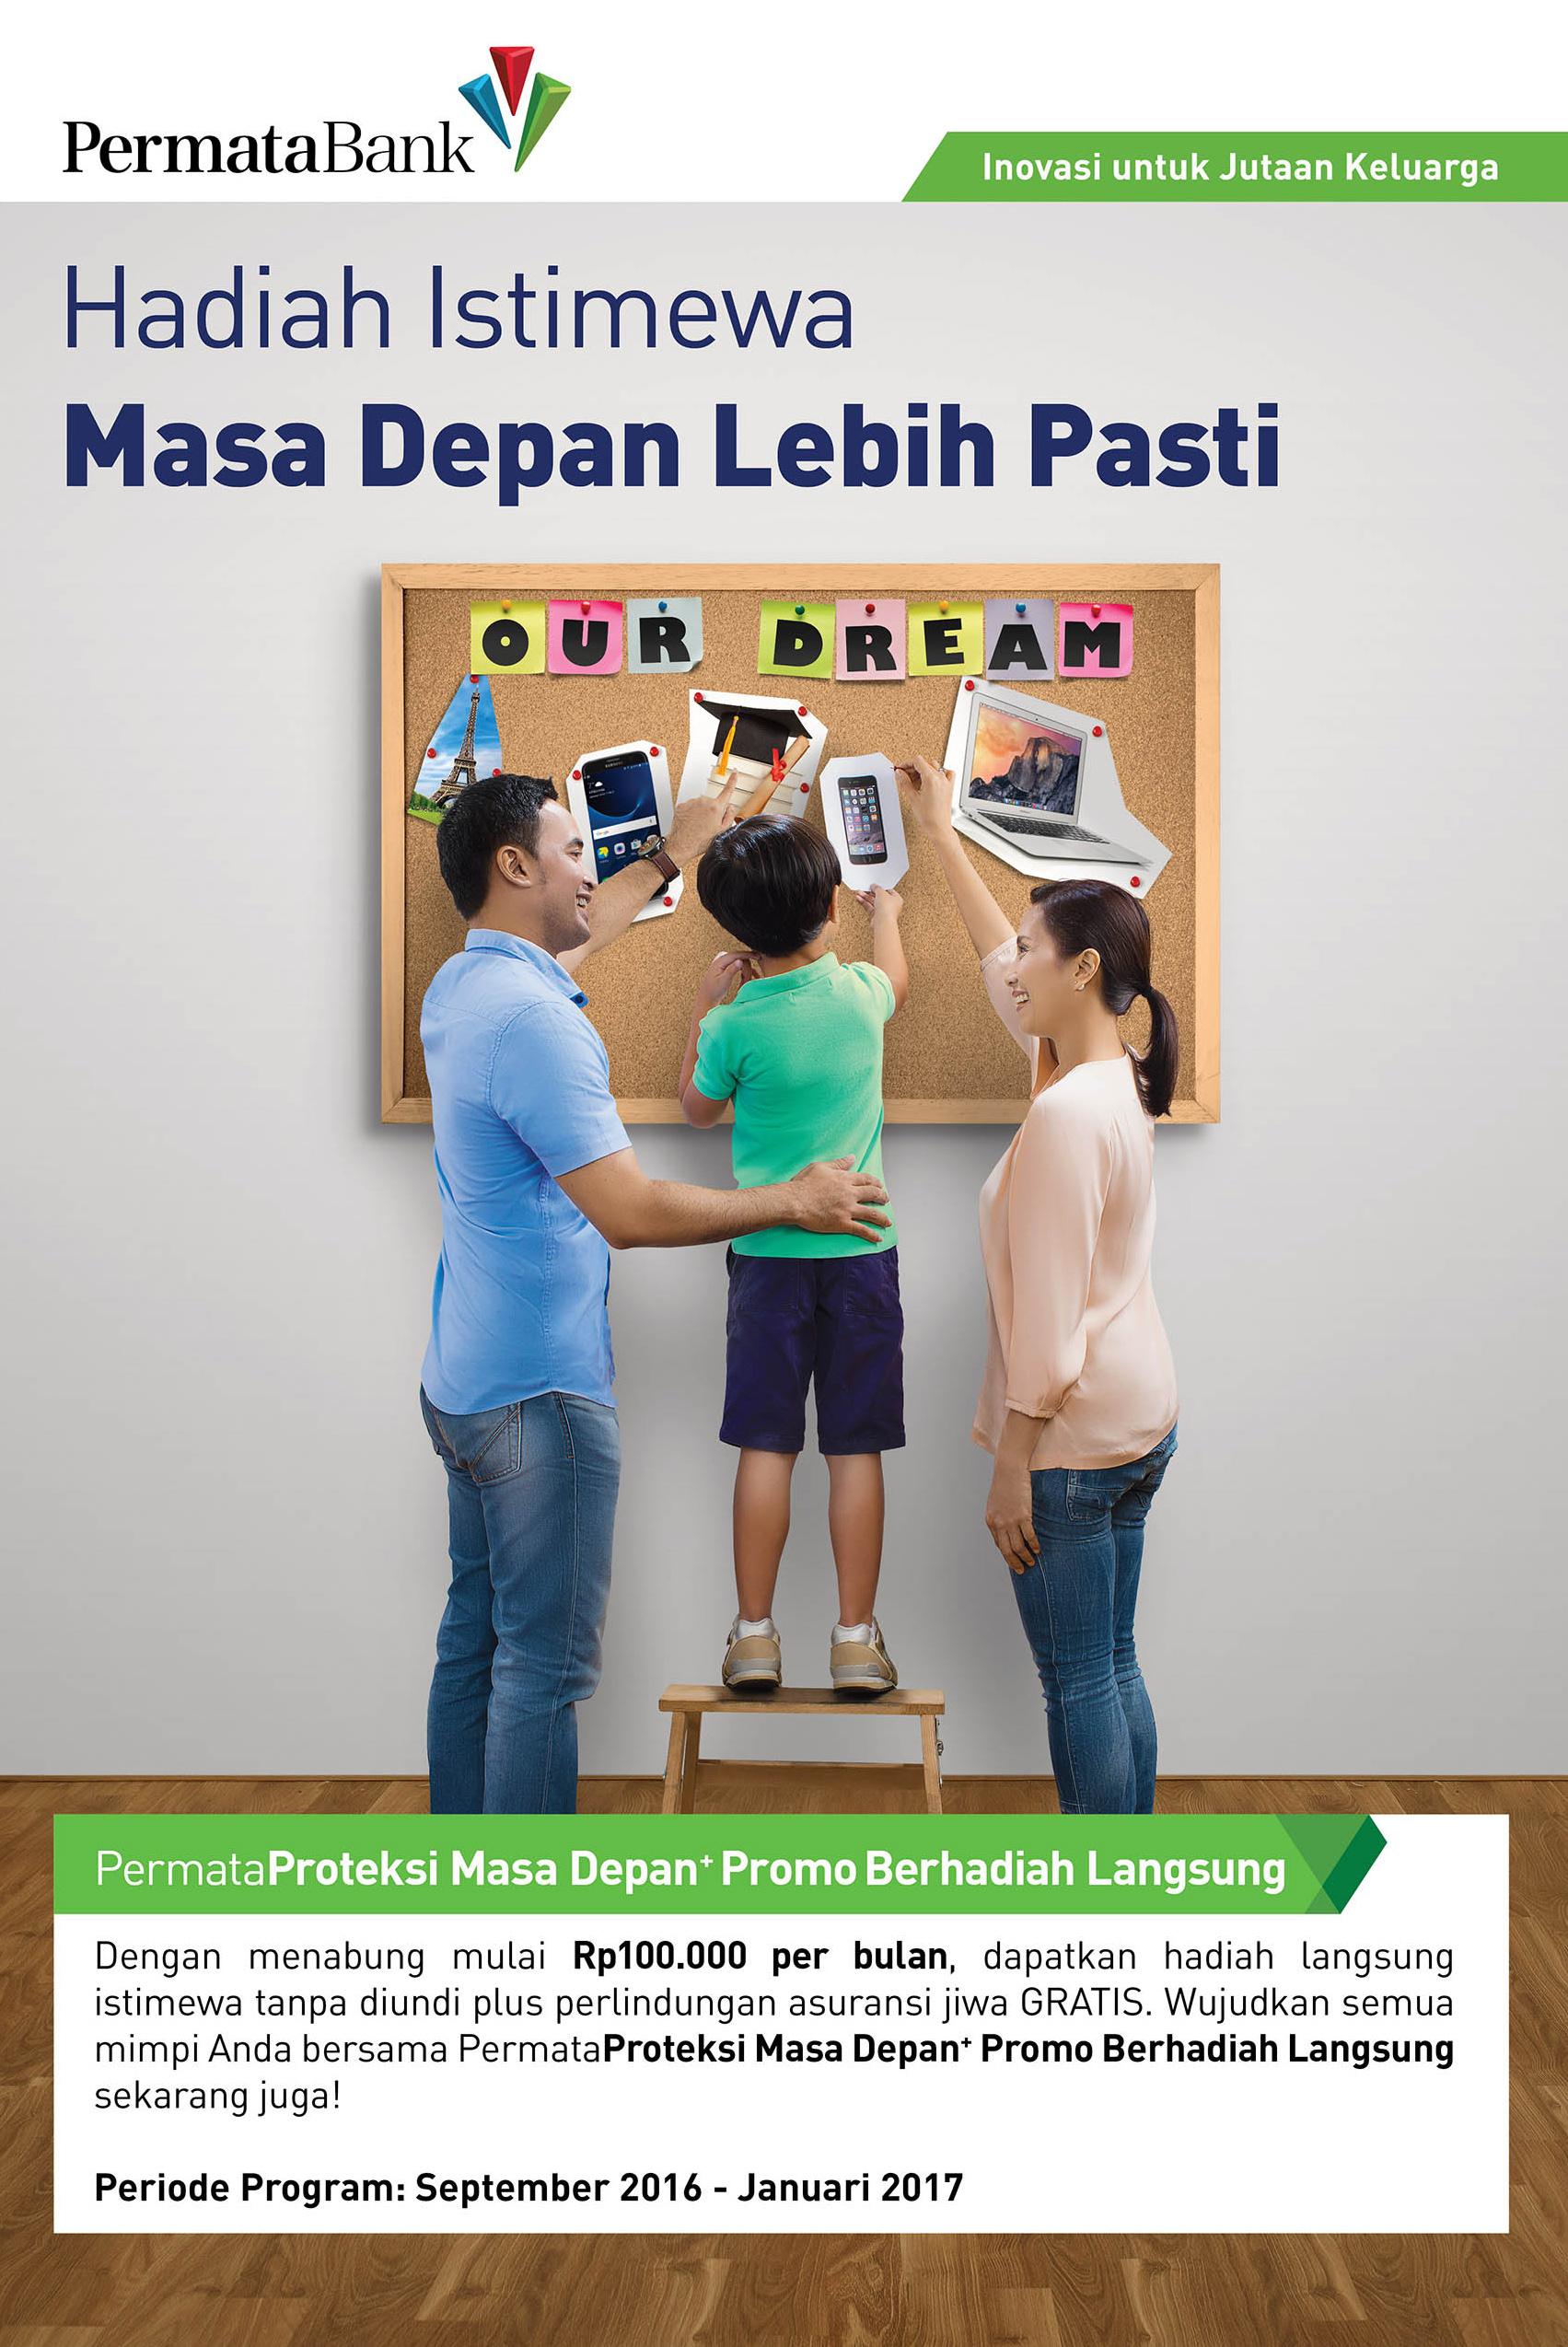 FA_Poster_PPMD-Berhadiah_90x60cm-01-080916-crop.jpg